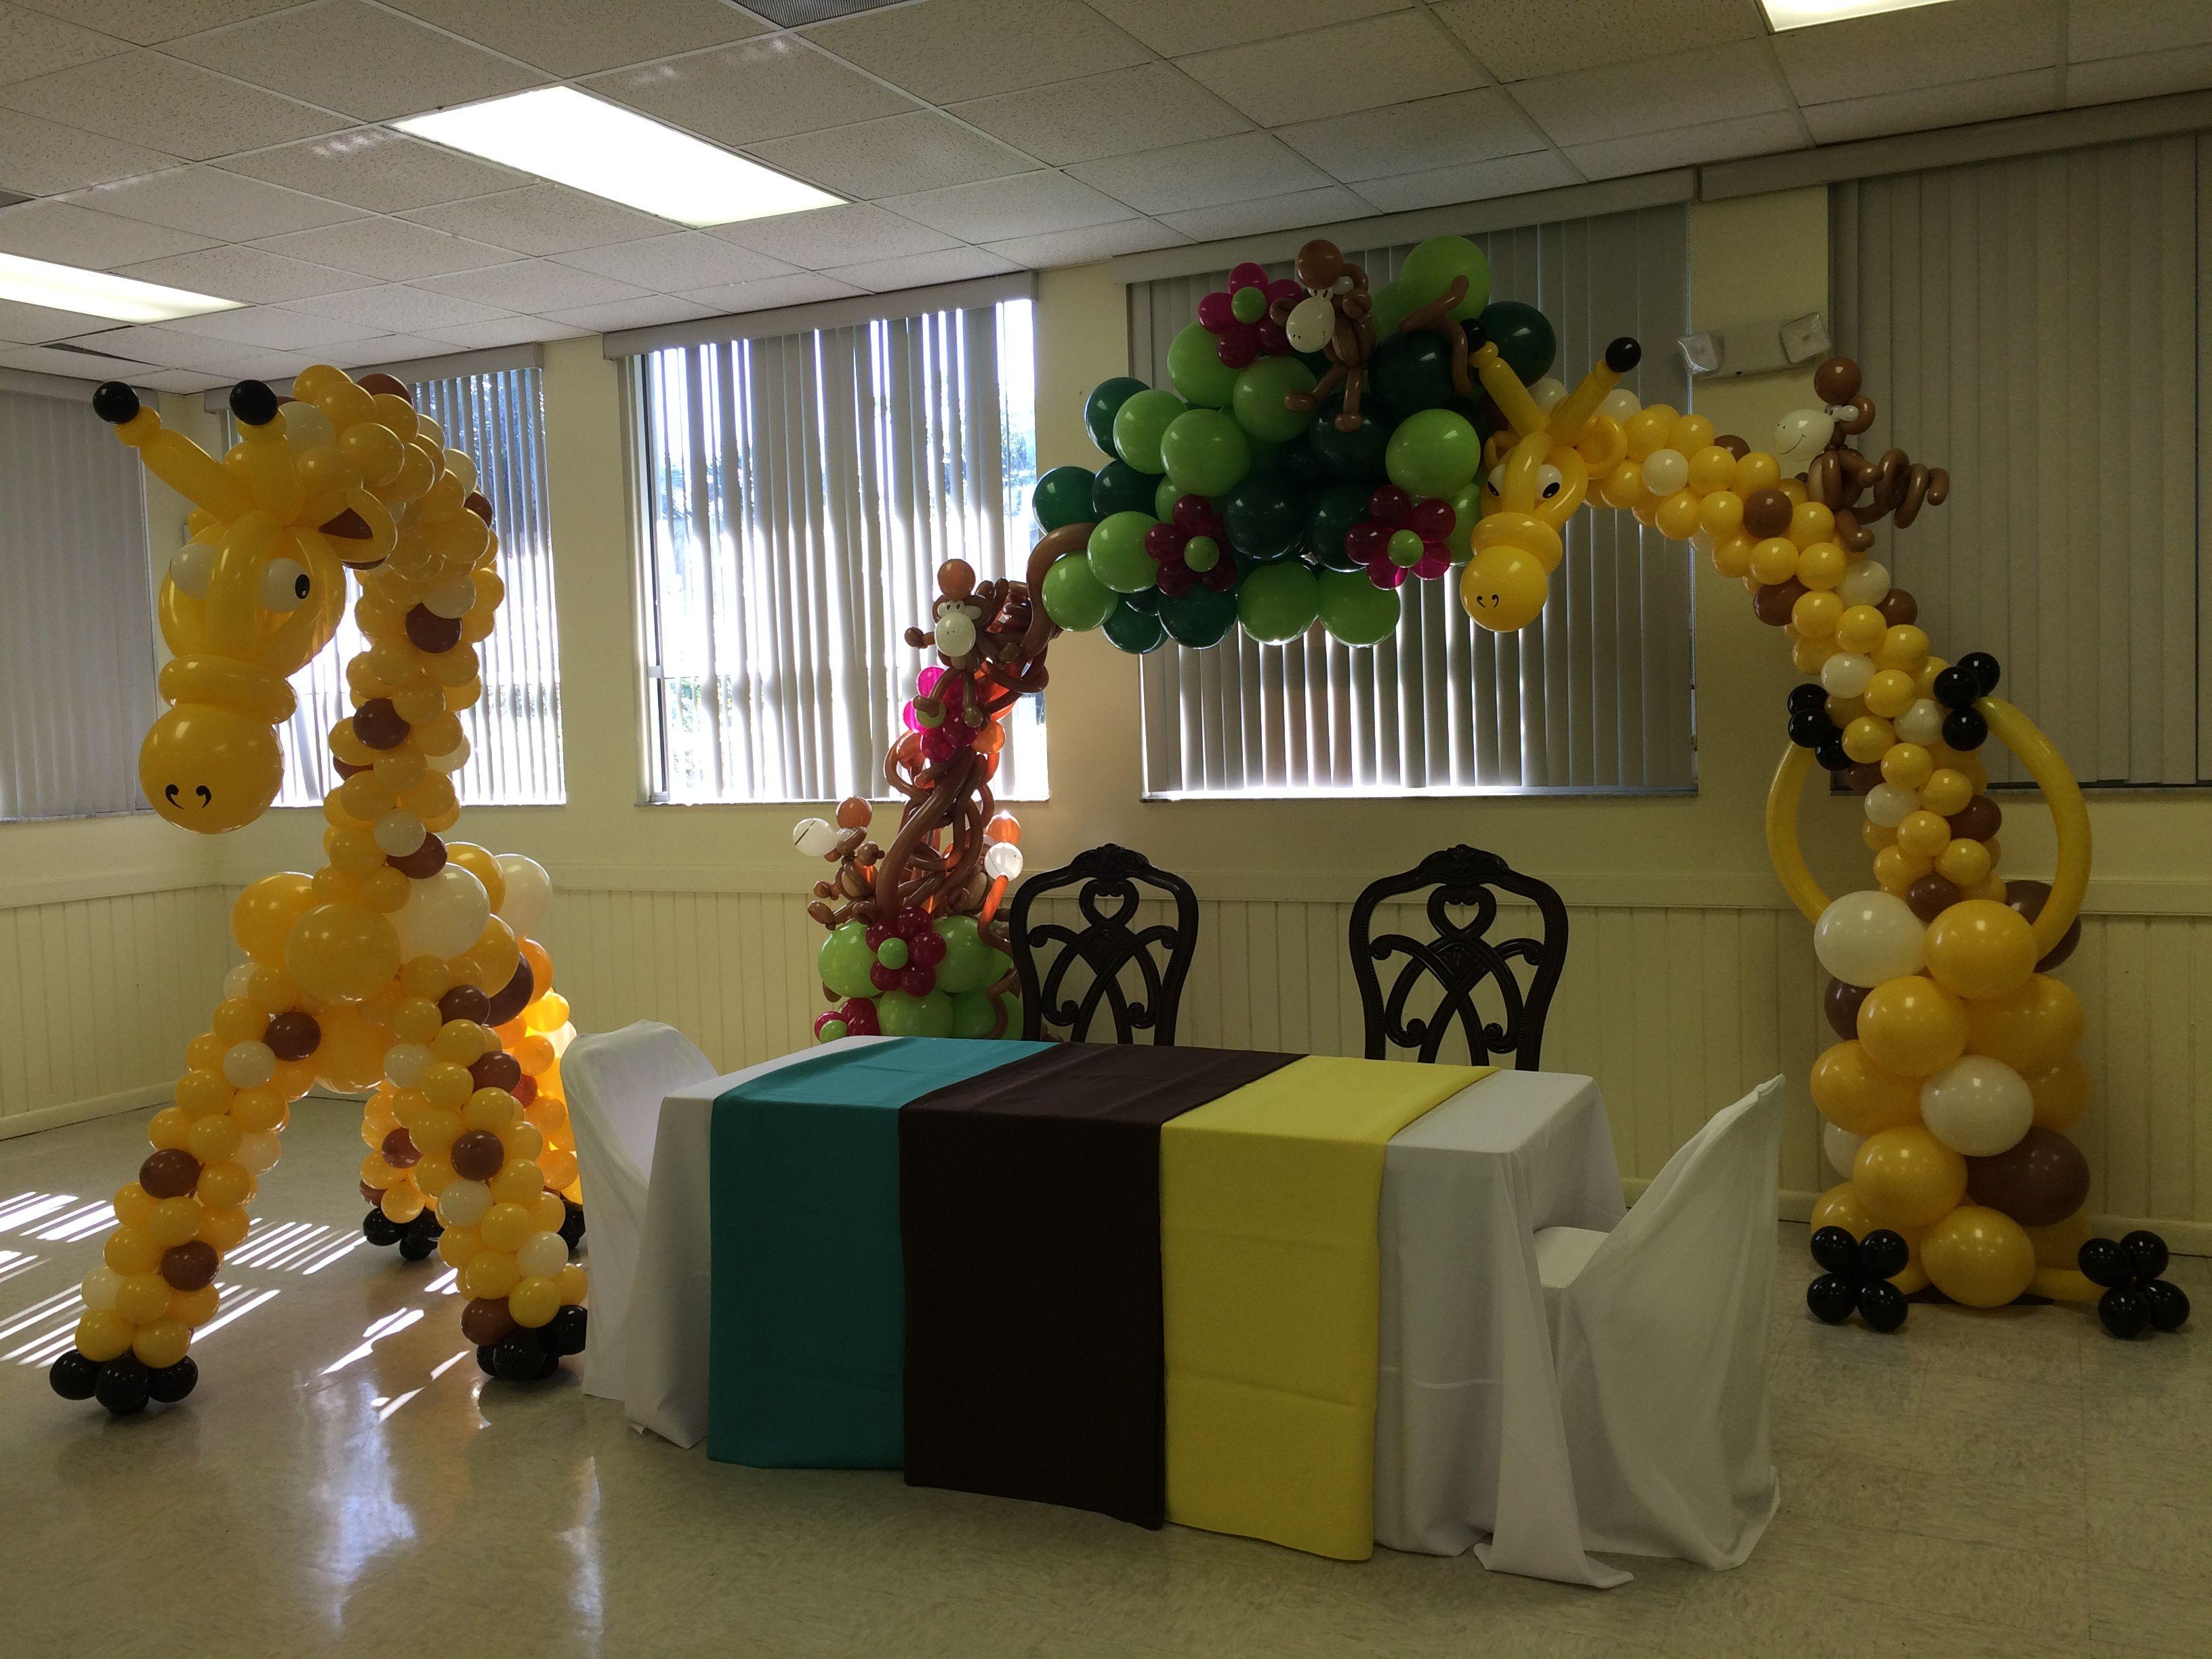 Safari themed baby shower Giraffe balloon sculpture and giraffe